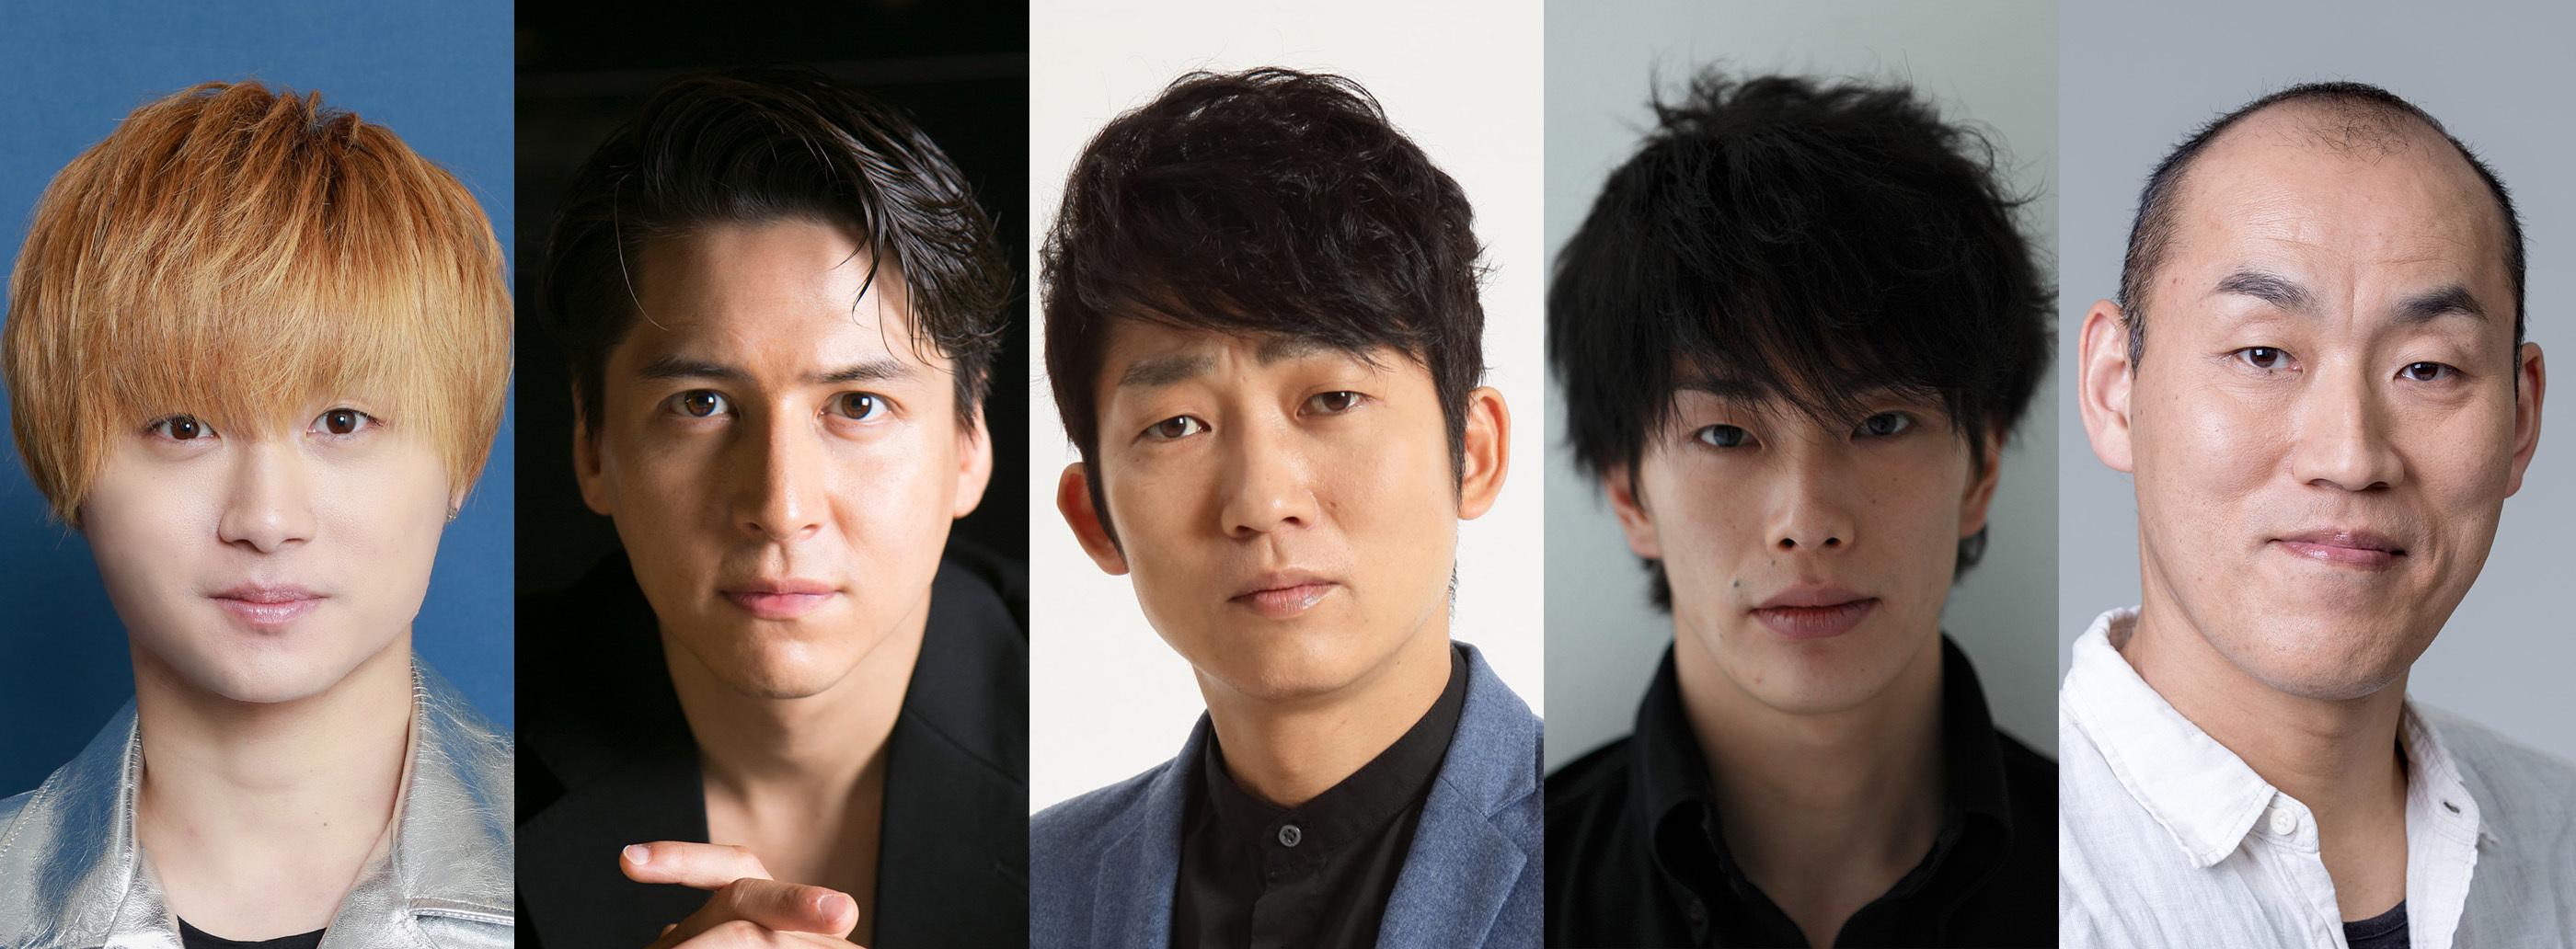 (左から)山本亮太(宇宙Six/ジャニーズJr.)、伊礼彼方、石田明(NON STYLE)、玉置玲央、山西惇